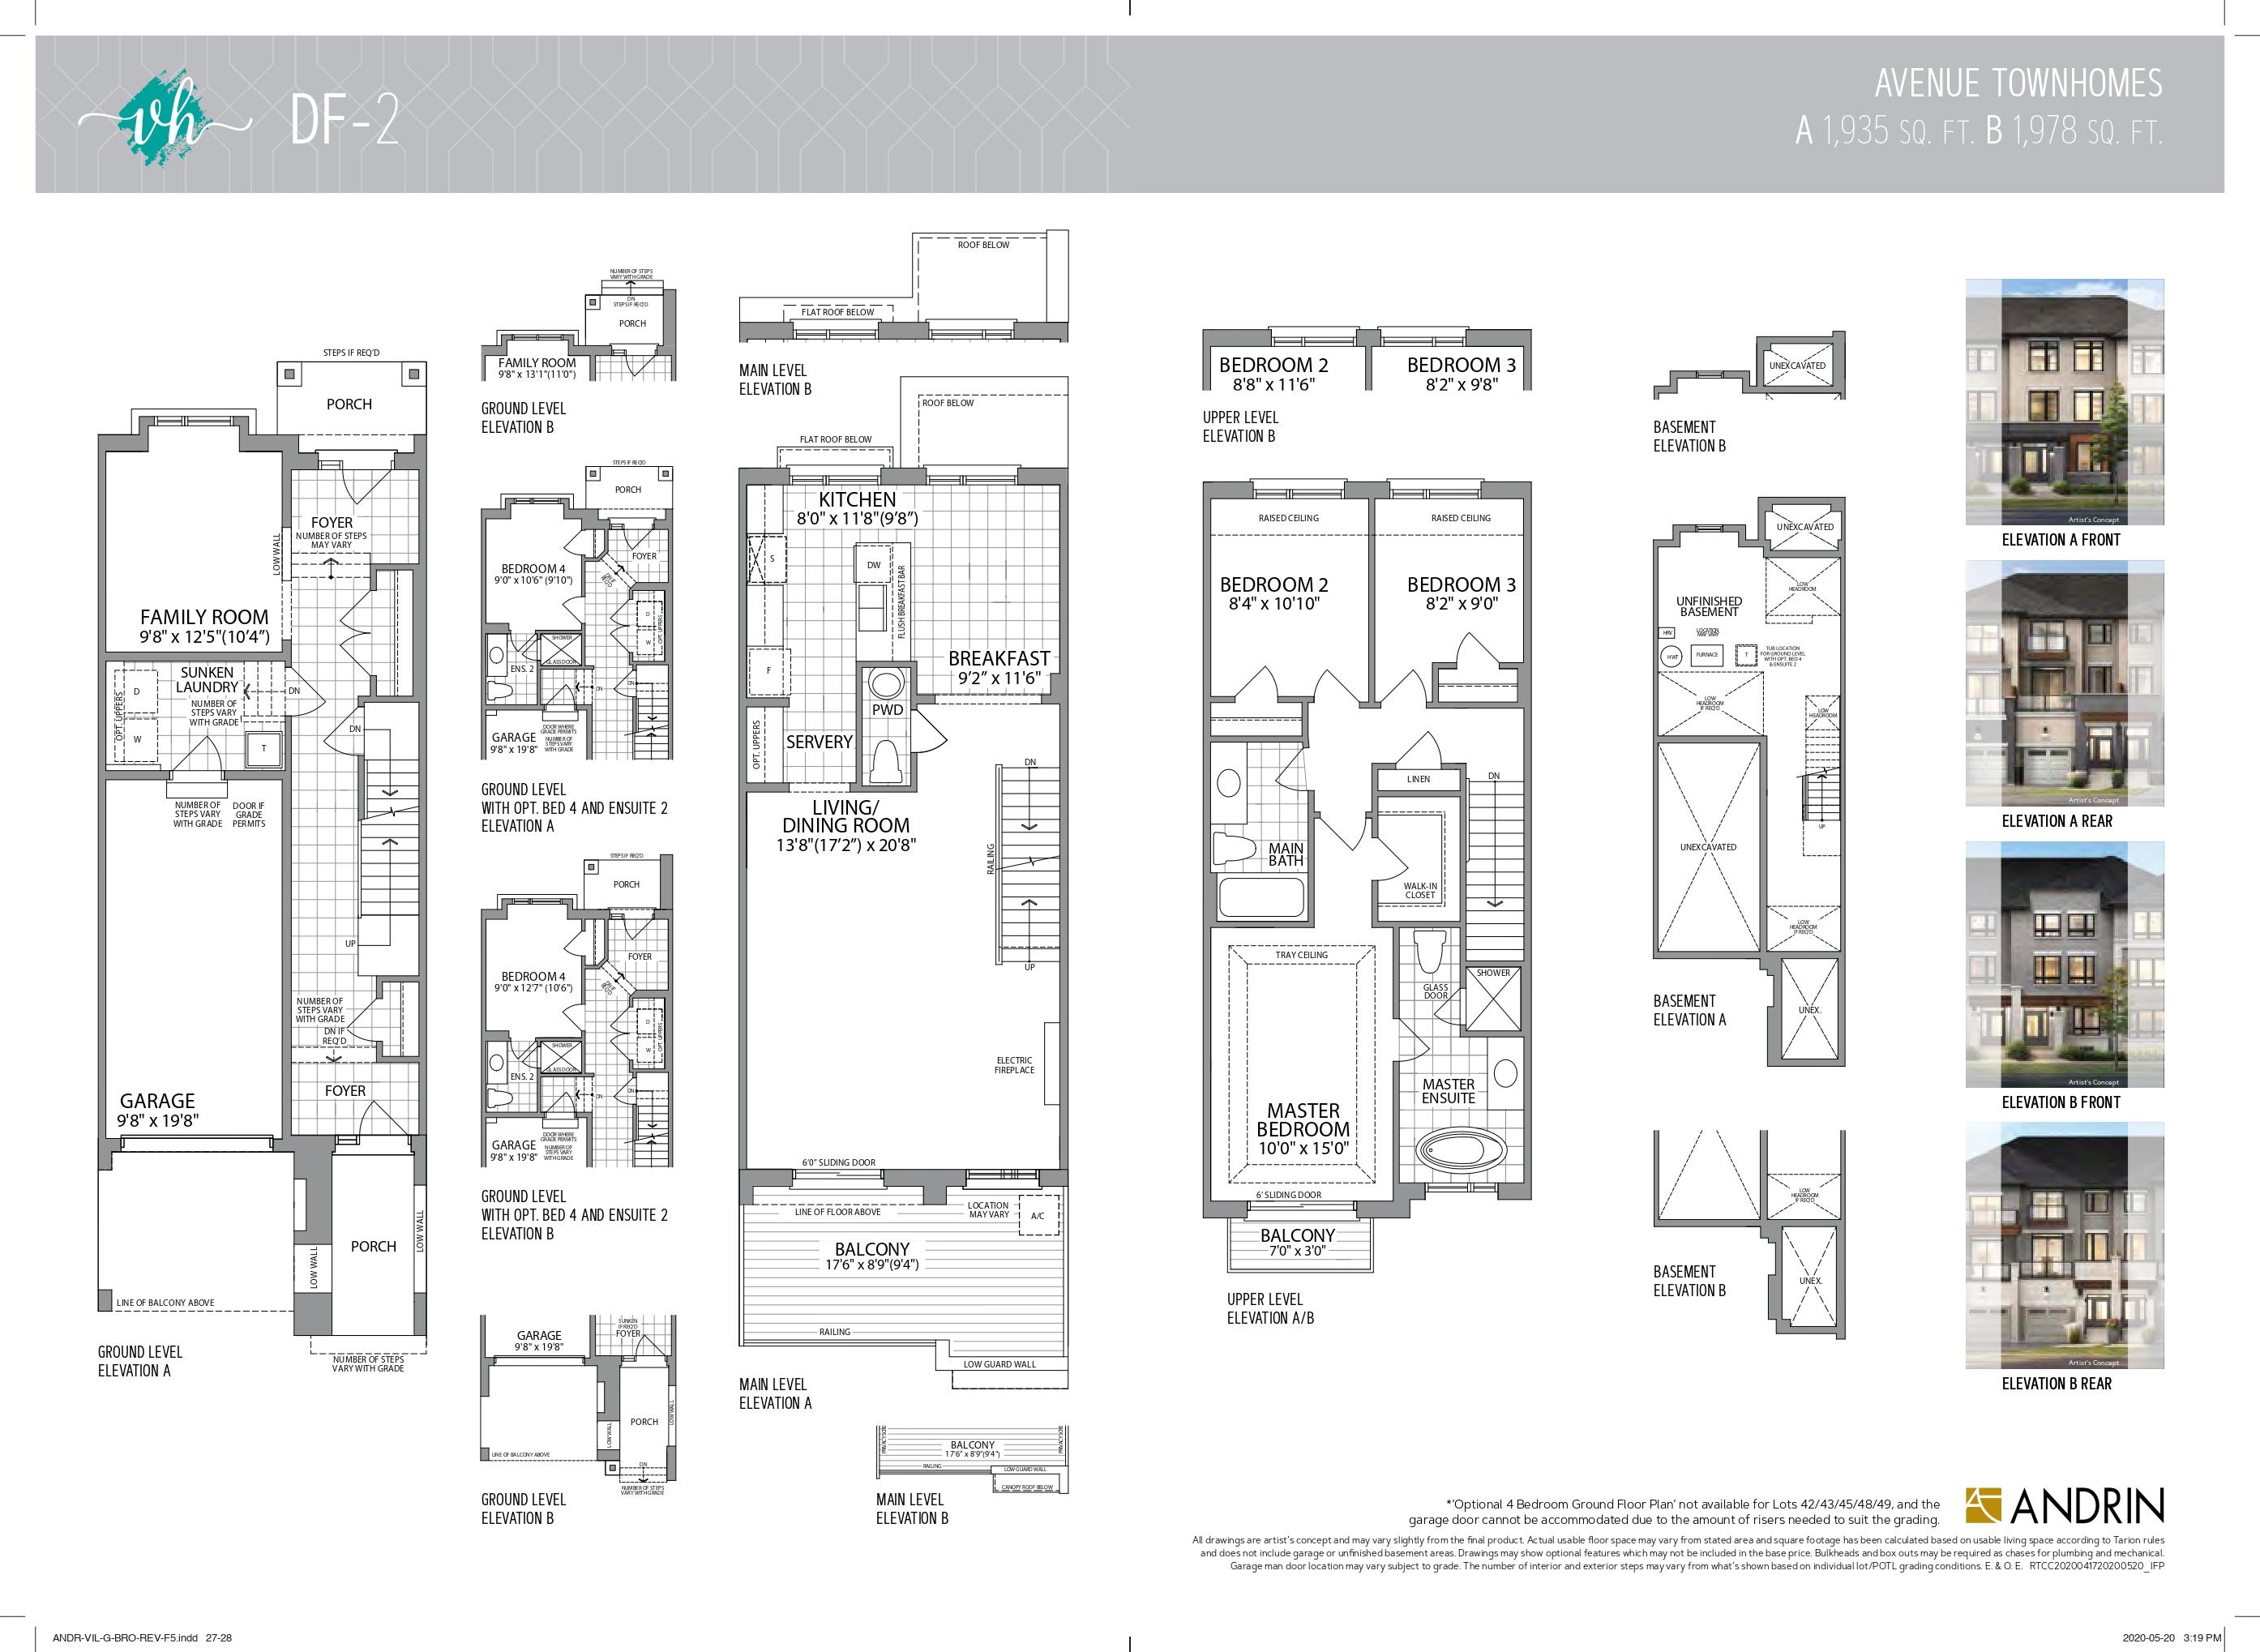 Floor plan of DF-2